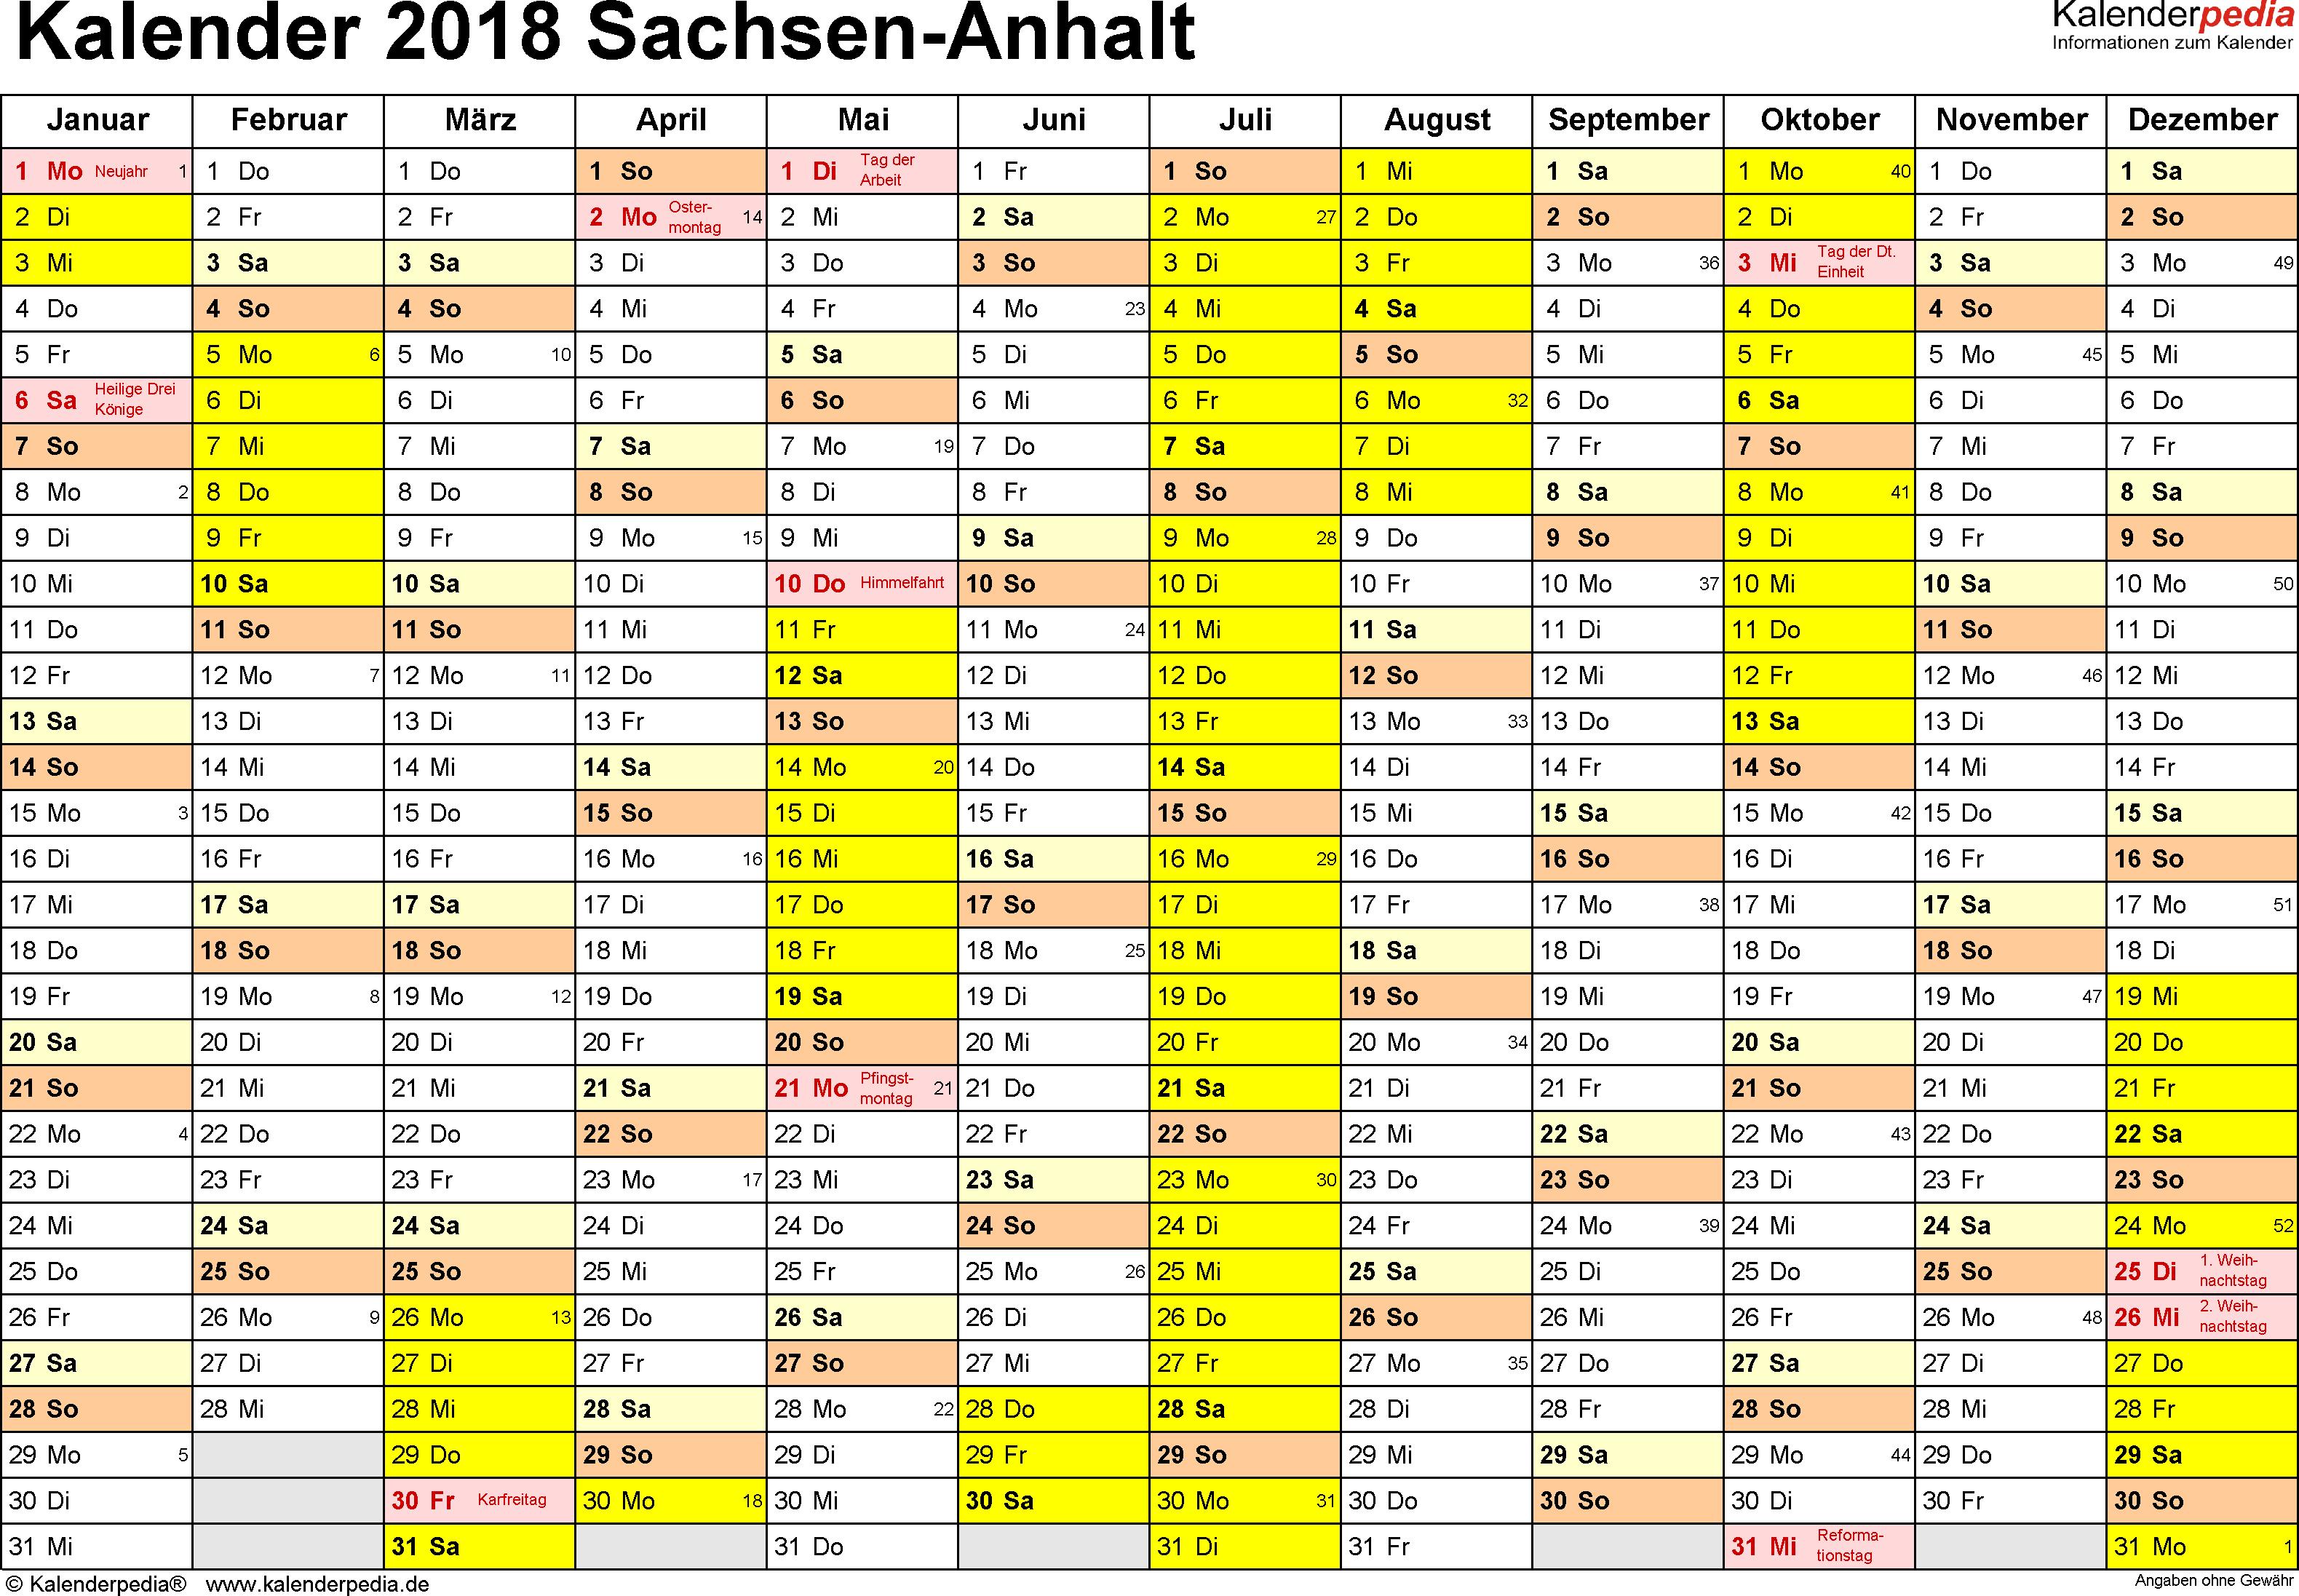 Vorlage 1: Kalender 2018 für Sachsen-Anhalt als Excel-Vorlage (Querformat, 1 Seite)